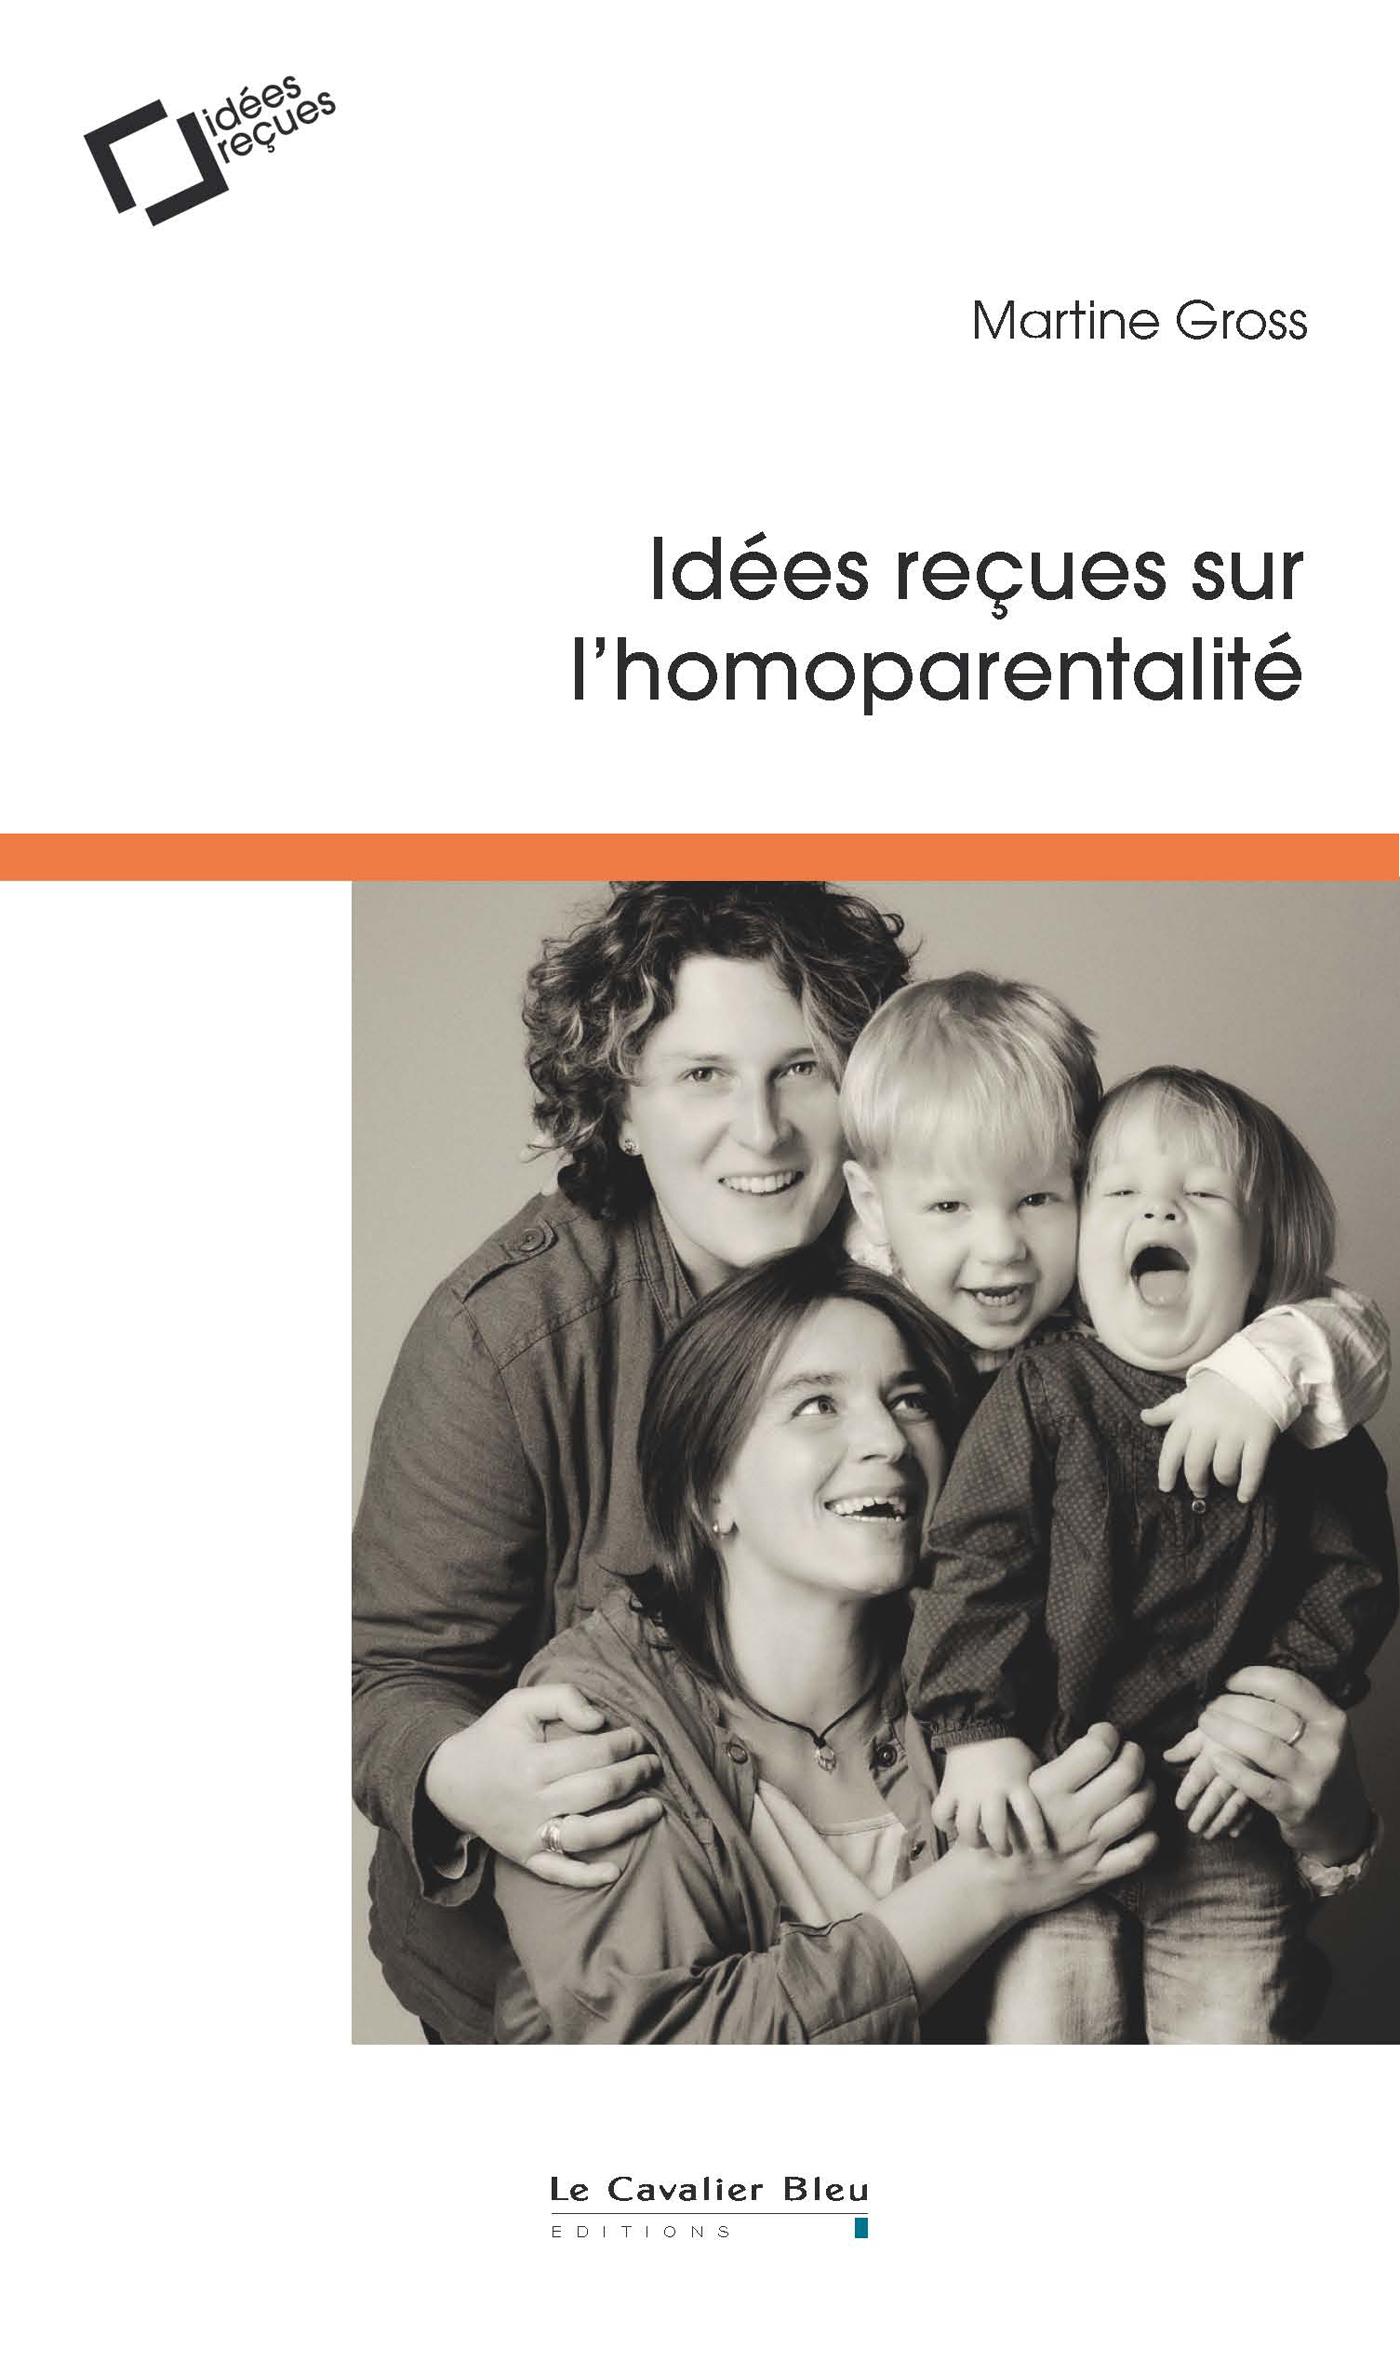 IDEES RECUES SUR L'HOMOPARENTALITE